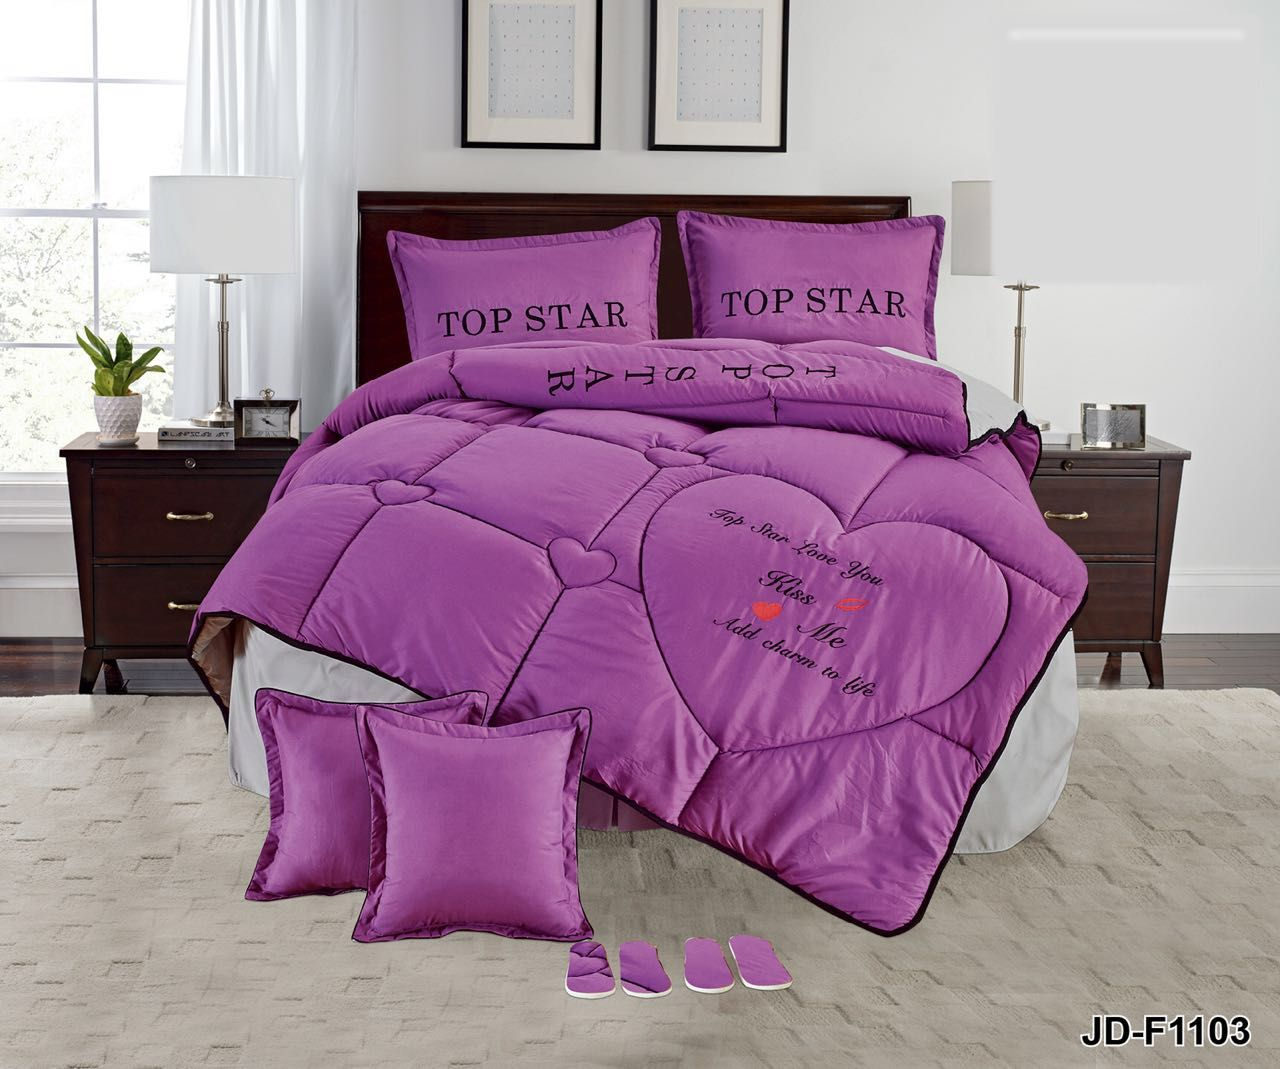 لطلب واتس اب فقط 0543221247 مفارش نفر مفارش نفرين مفارش نفاس مفارش اطفال مفارش عرائسي لحاف القلب افخم الحافات ساده ١٠ قطعه Baby Bed Bed Baby Utensils